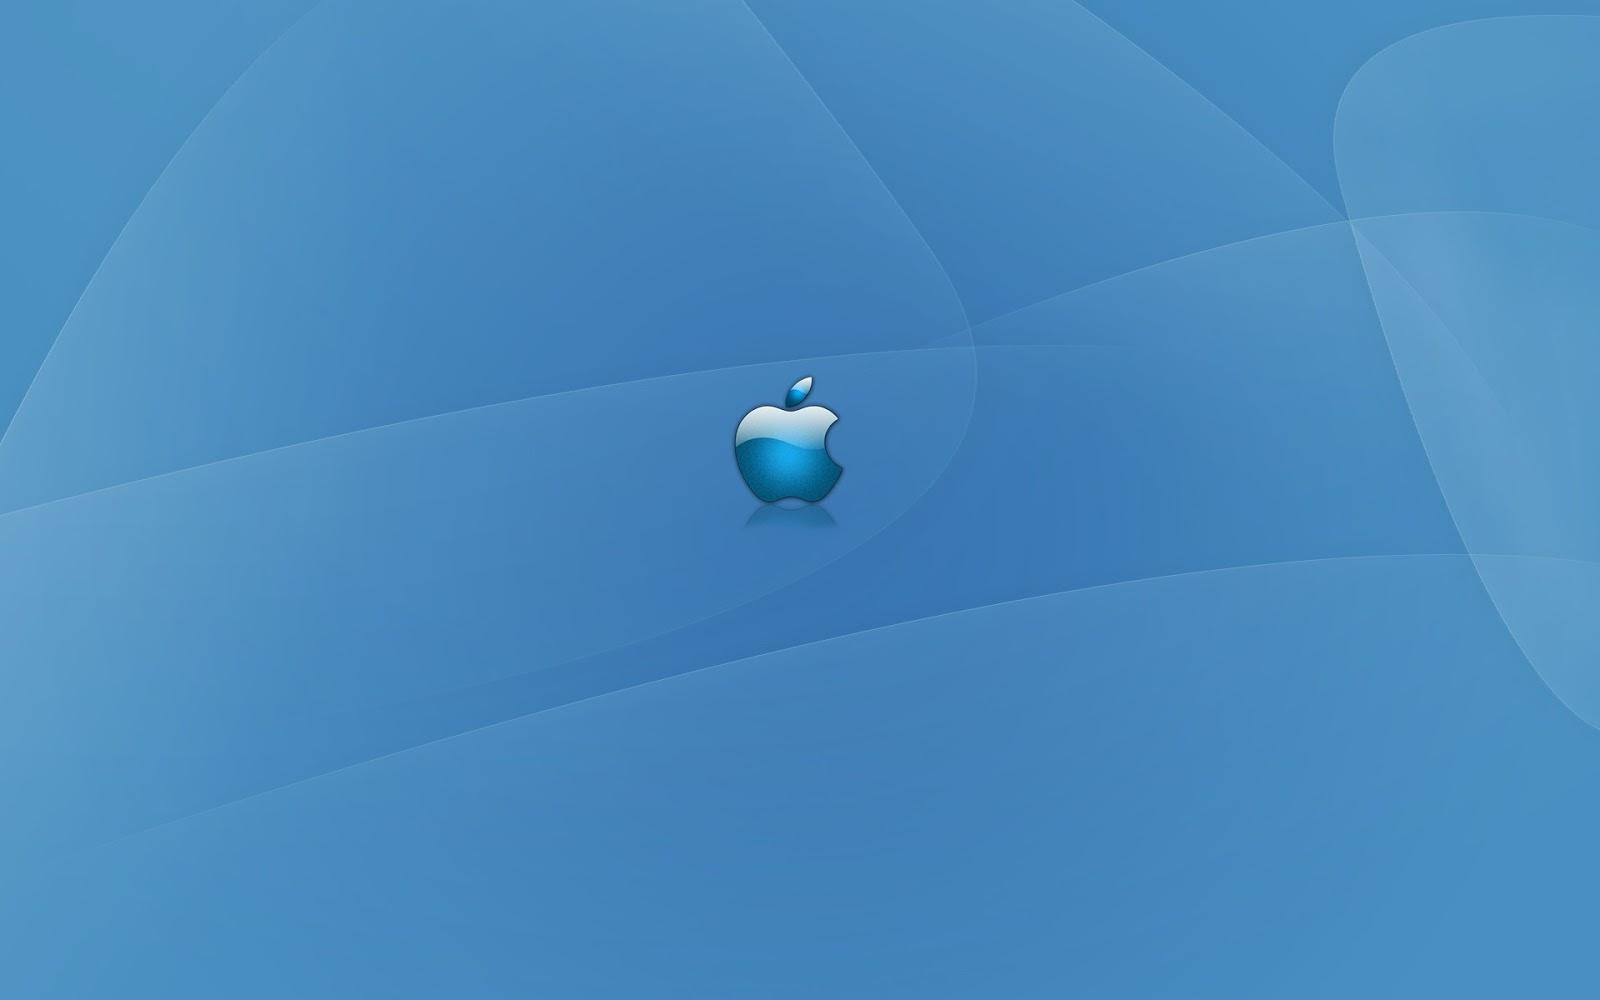 http://1.bp.blogspot.com/-IoEvWMW1St8/UJwVerzFL8I/AAAAAAAAJ7c/d65OCUwOE6U/s1600/apple-blue-glossy-logo-desktop-wallpaper.jpg